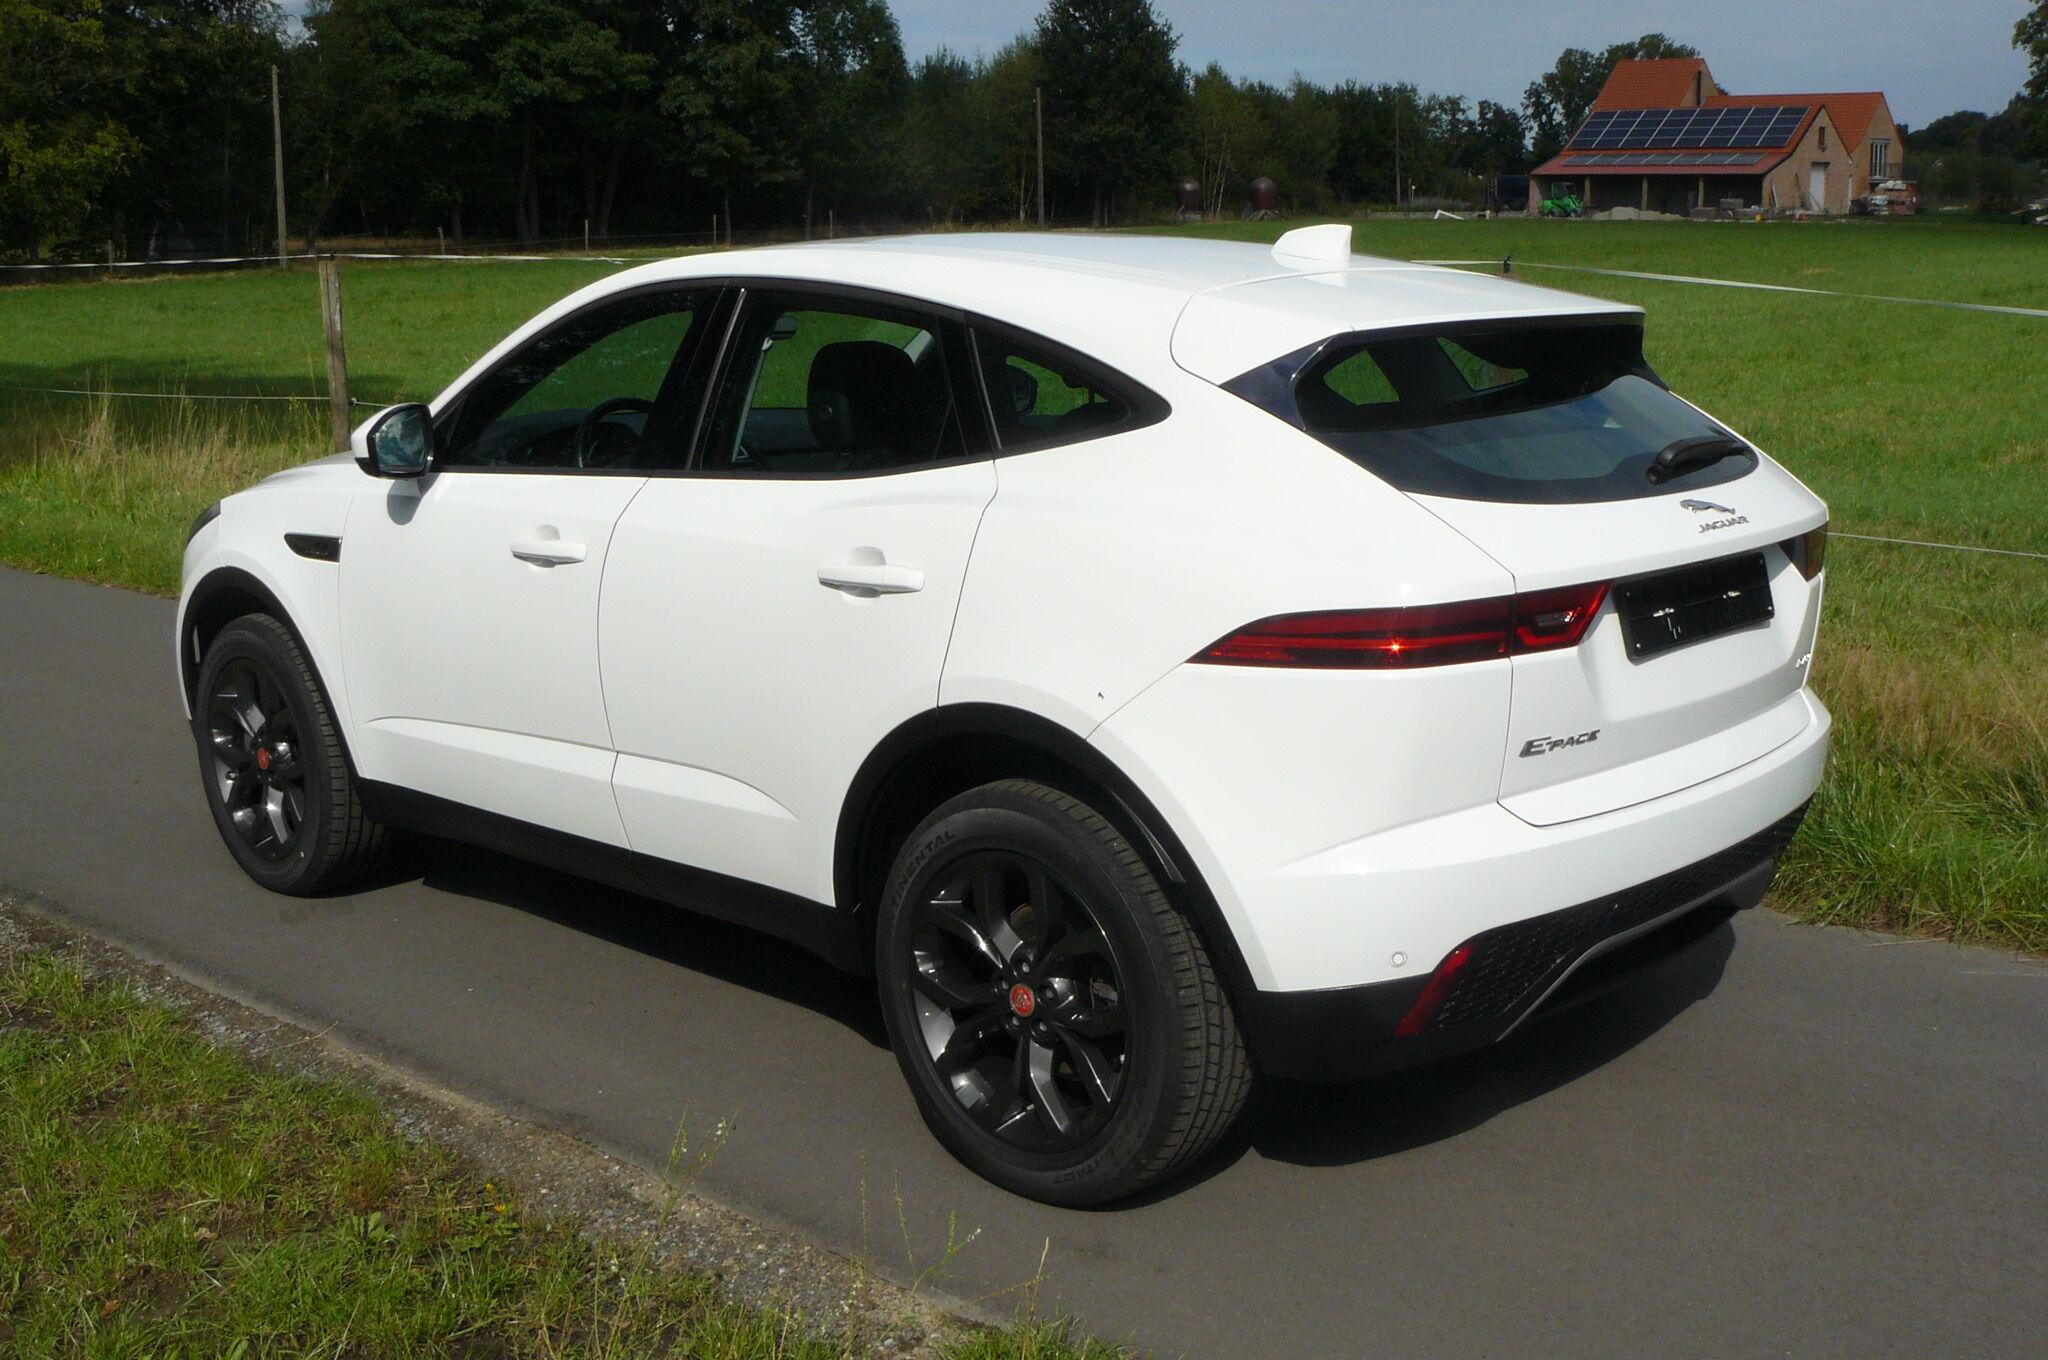 Jaguar E-PACE 2.0d S D150 Navi Leder Camera aut. parkeren el. zetels